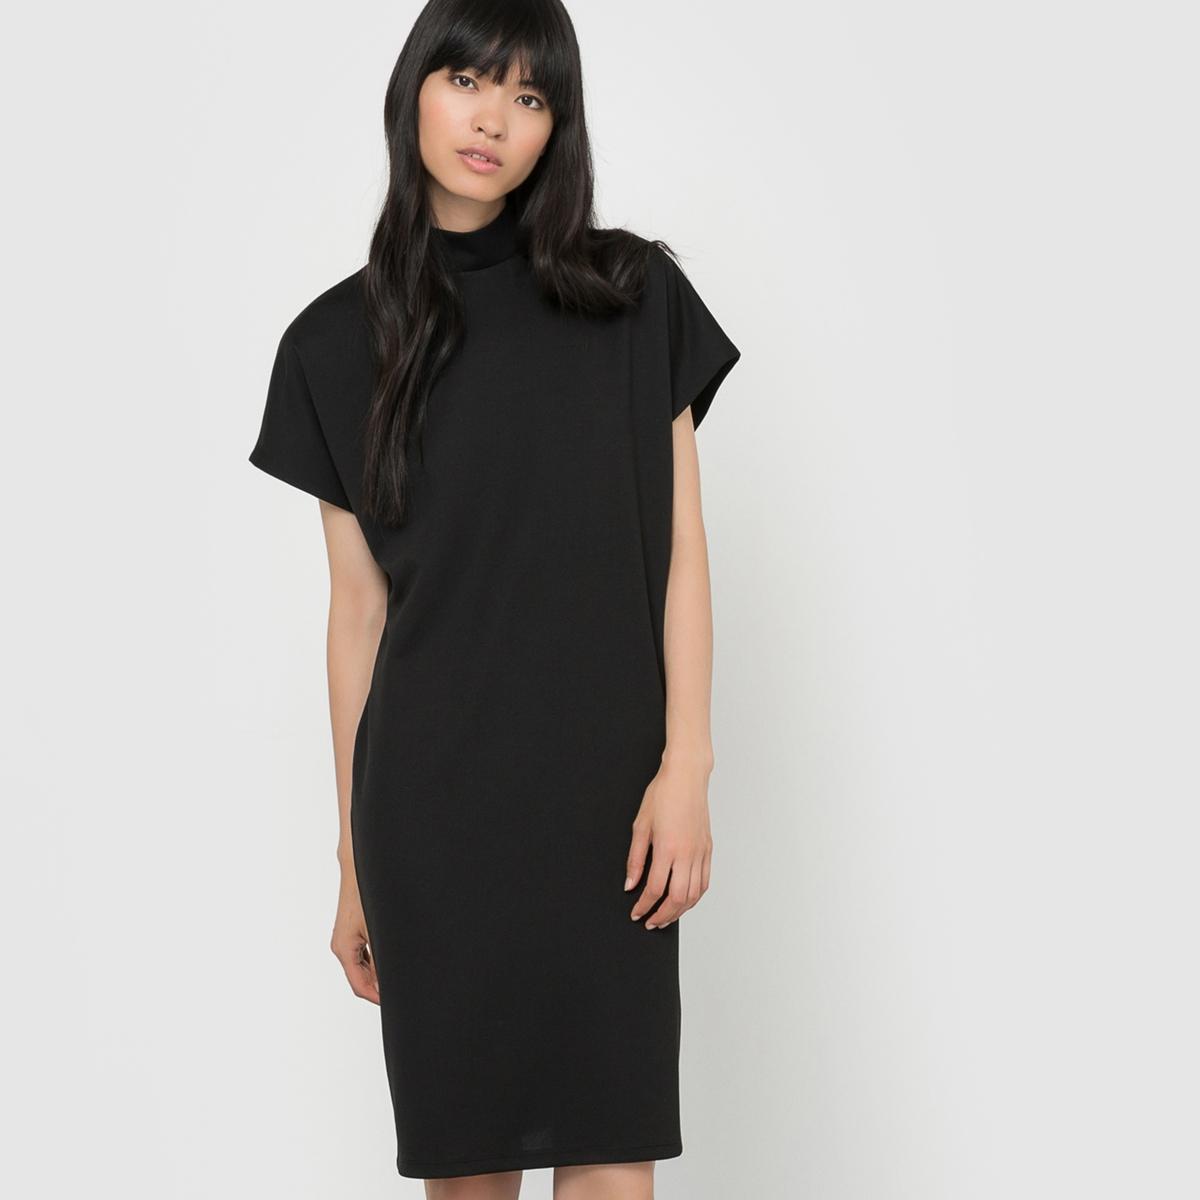 Платье прямого покрояСостав и описание:     Материал        95% полиэстера, 5% эластана     Марка        VILA          Уход     Соблюдайте рекомендации по уходу, указанные на этикетке<br><br>Цвет: красный,черный<br>Размер: XS.S.XS